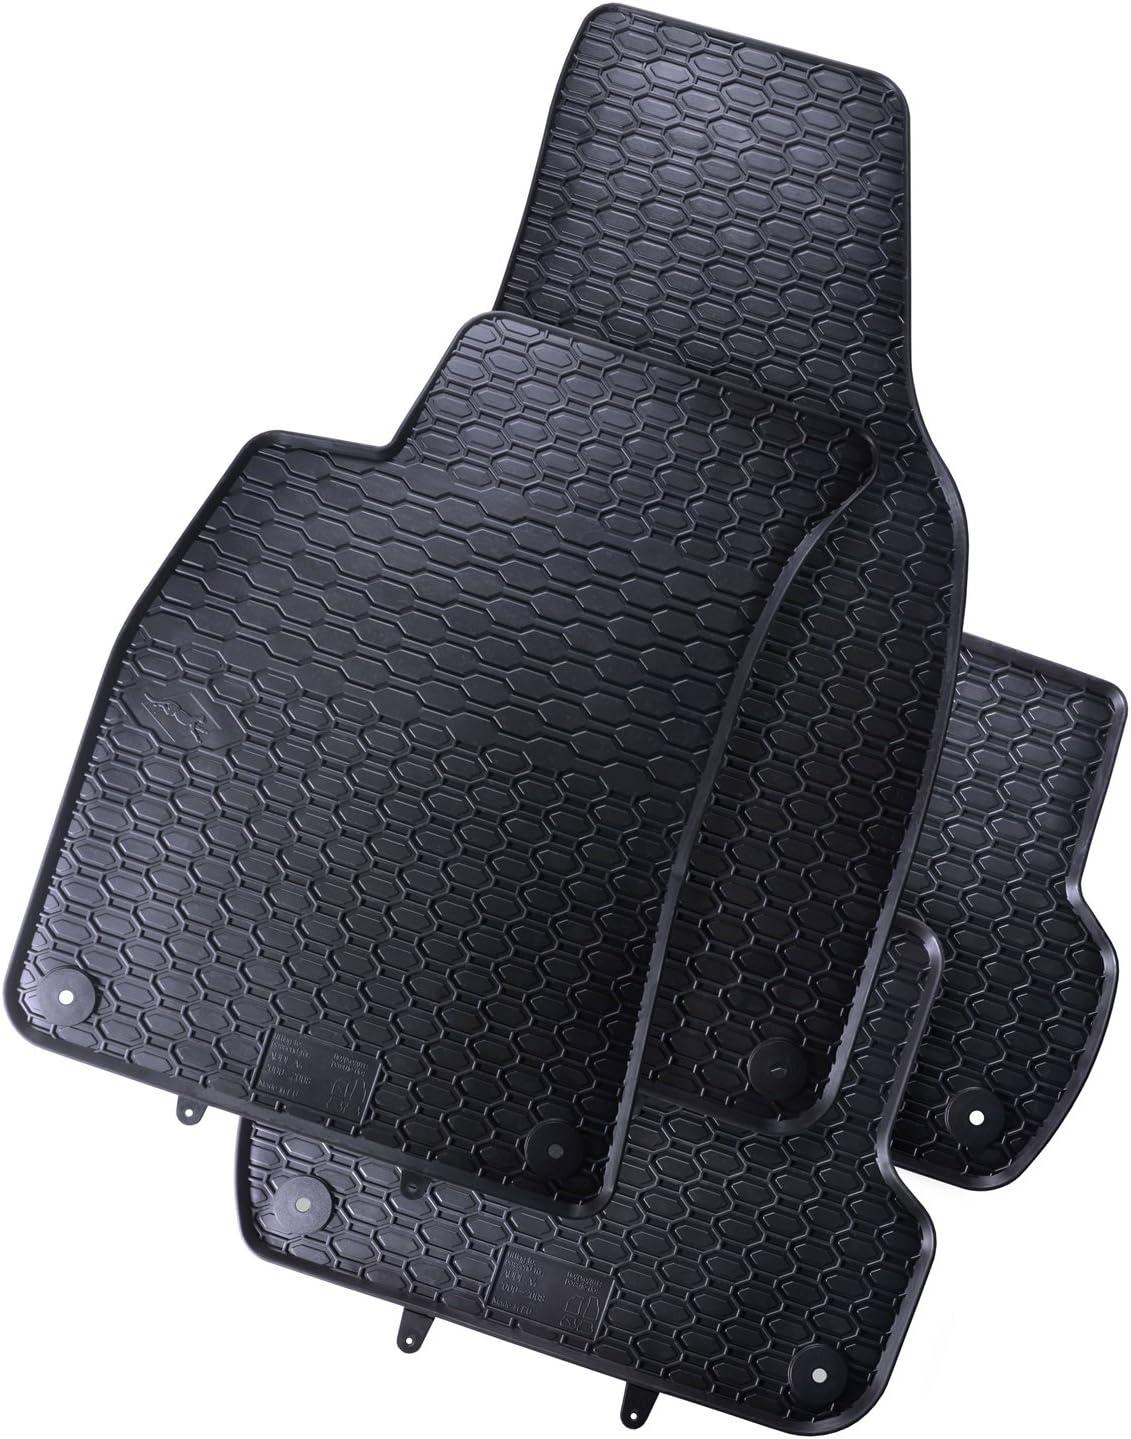 Tapis de sol caoutchouc sur mesure pour Audi A4 B7 2004-2007 4 pcs